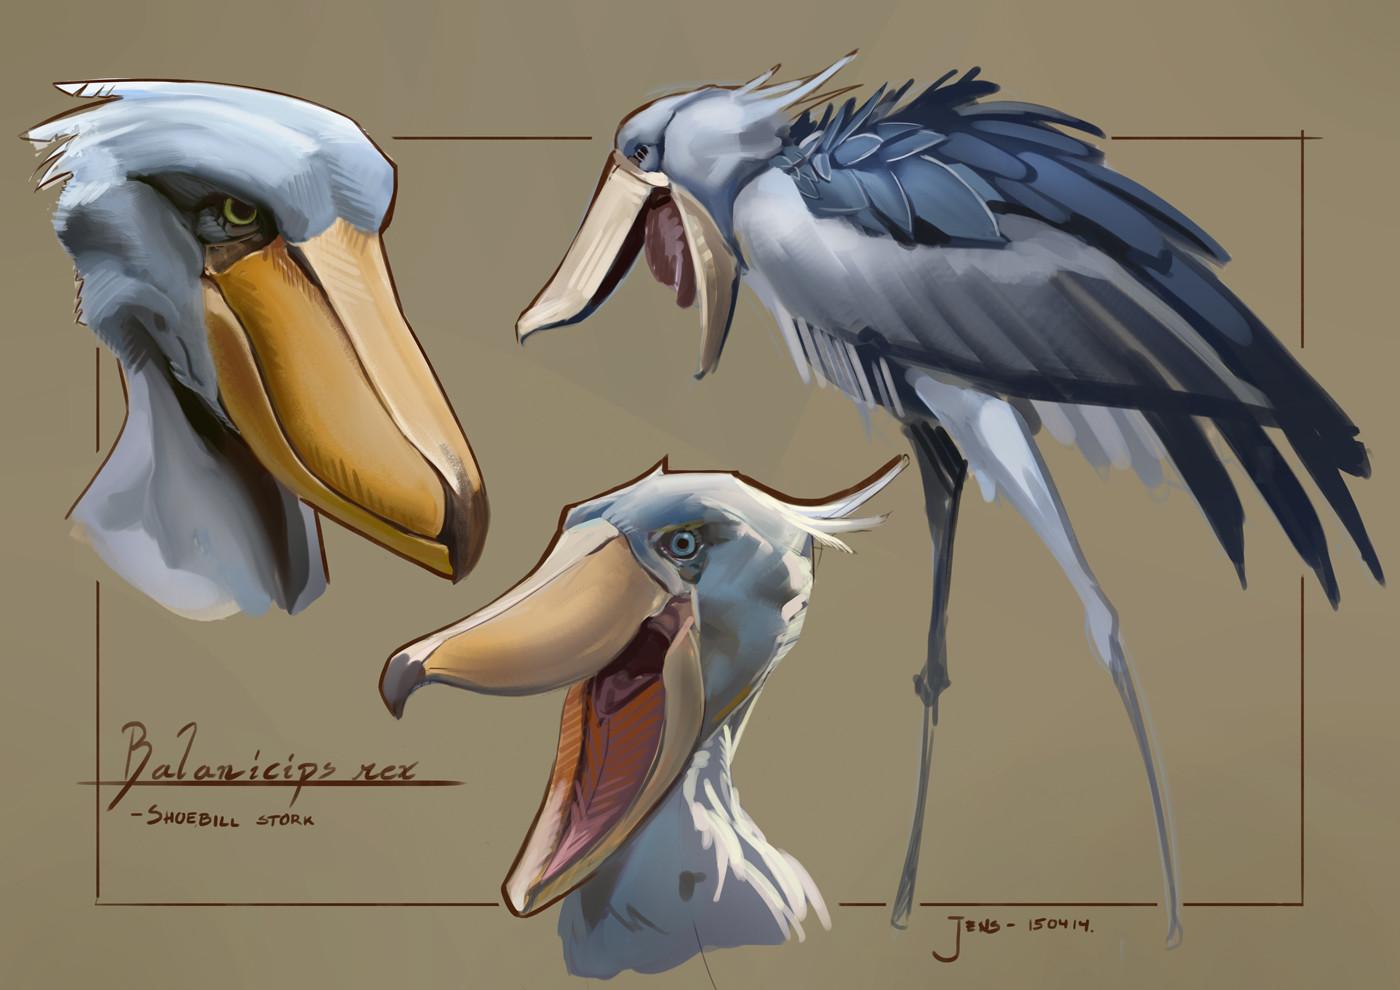 Jens bengtsson shoebill studies